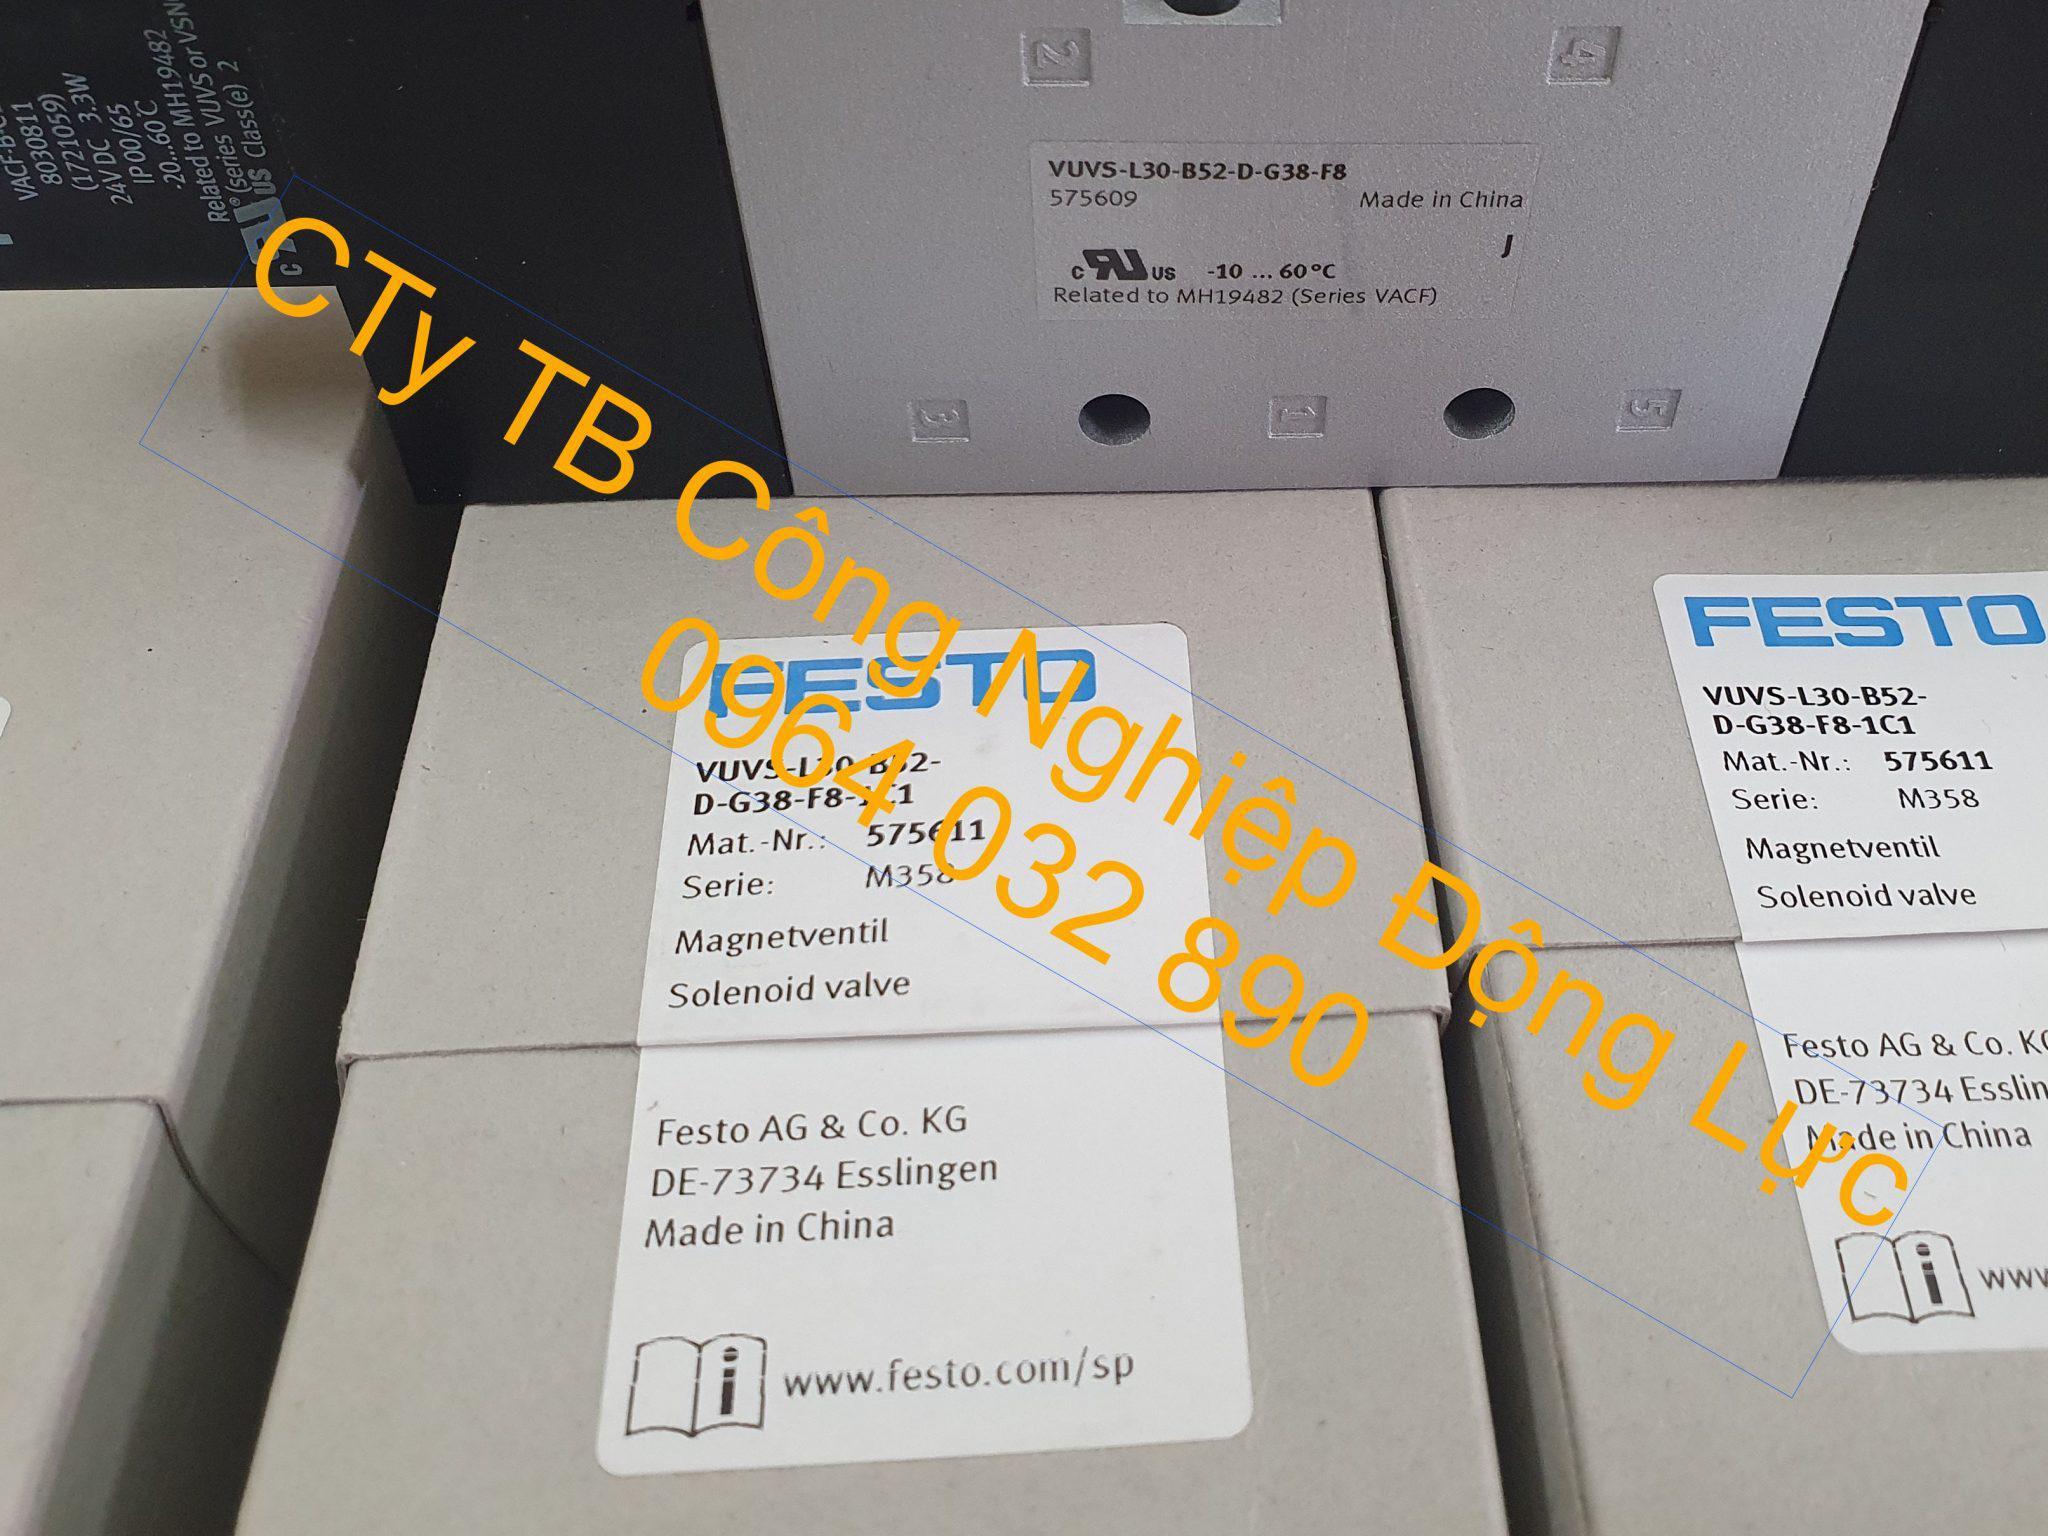 van điện từ khí nén festo VUVS-L30-B52-D-G38-F8-1C1 hàng chính hãng có bảo hành 1 năm trên toàn quốc với giá rẻ nhất trên thị trường hiện nay